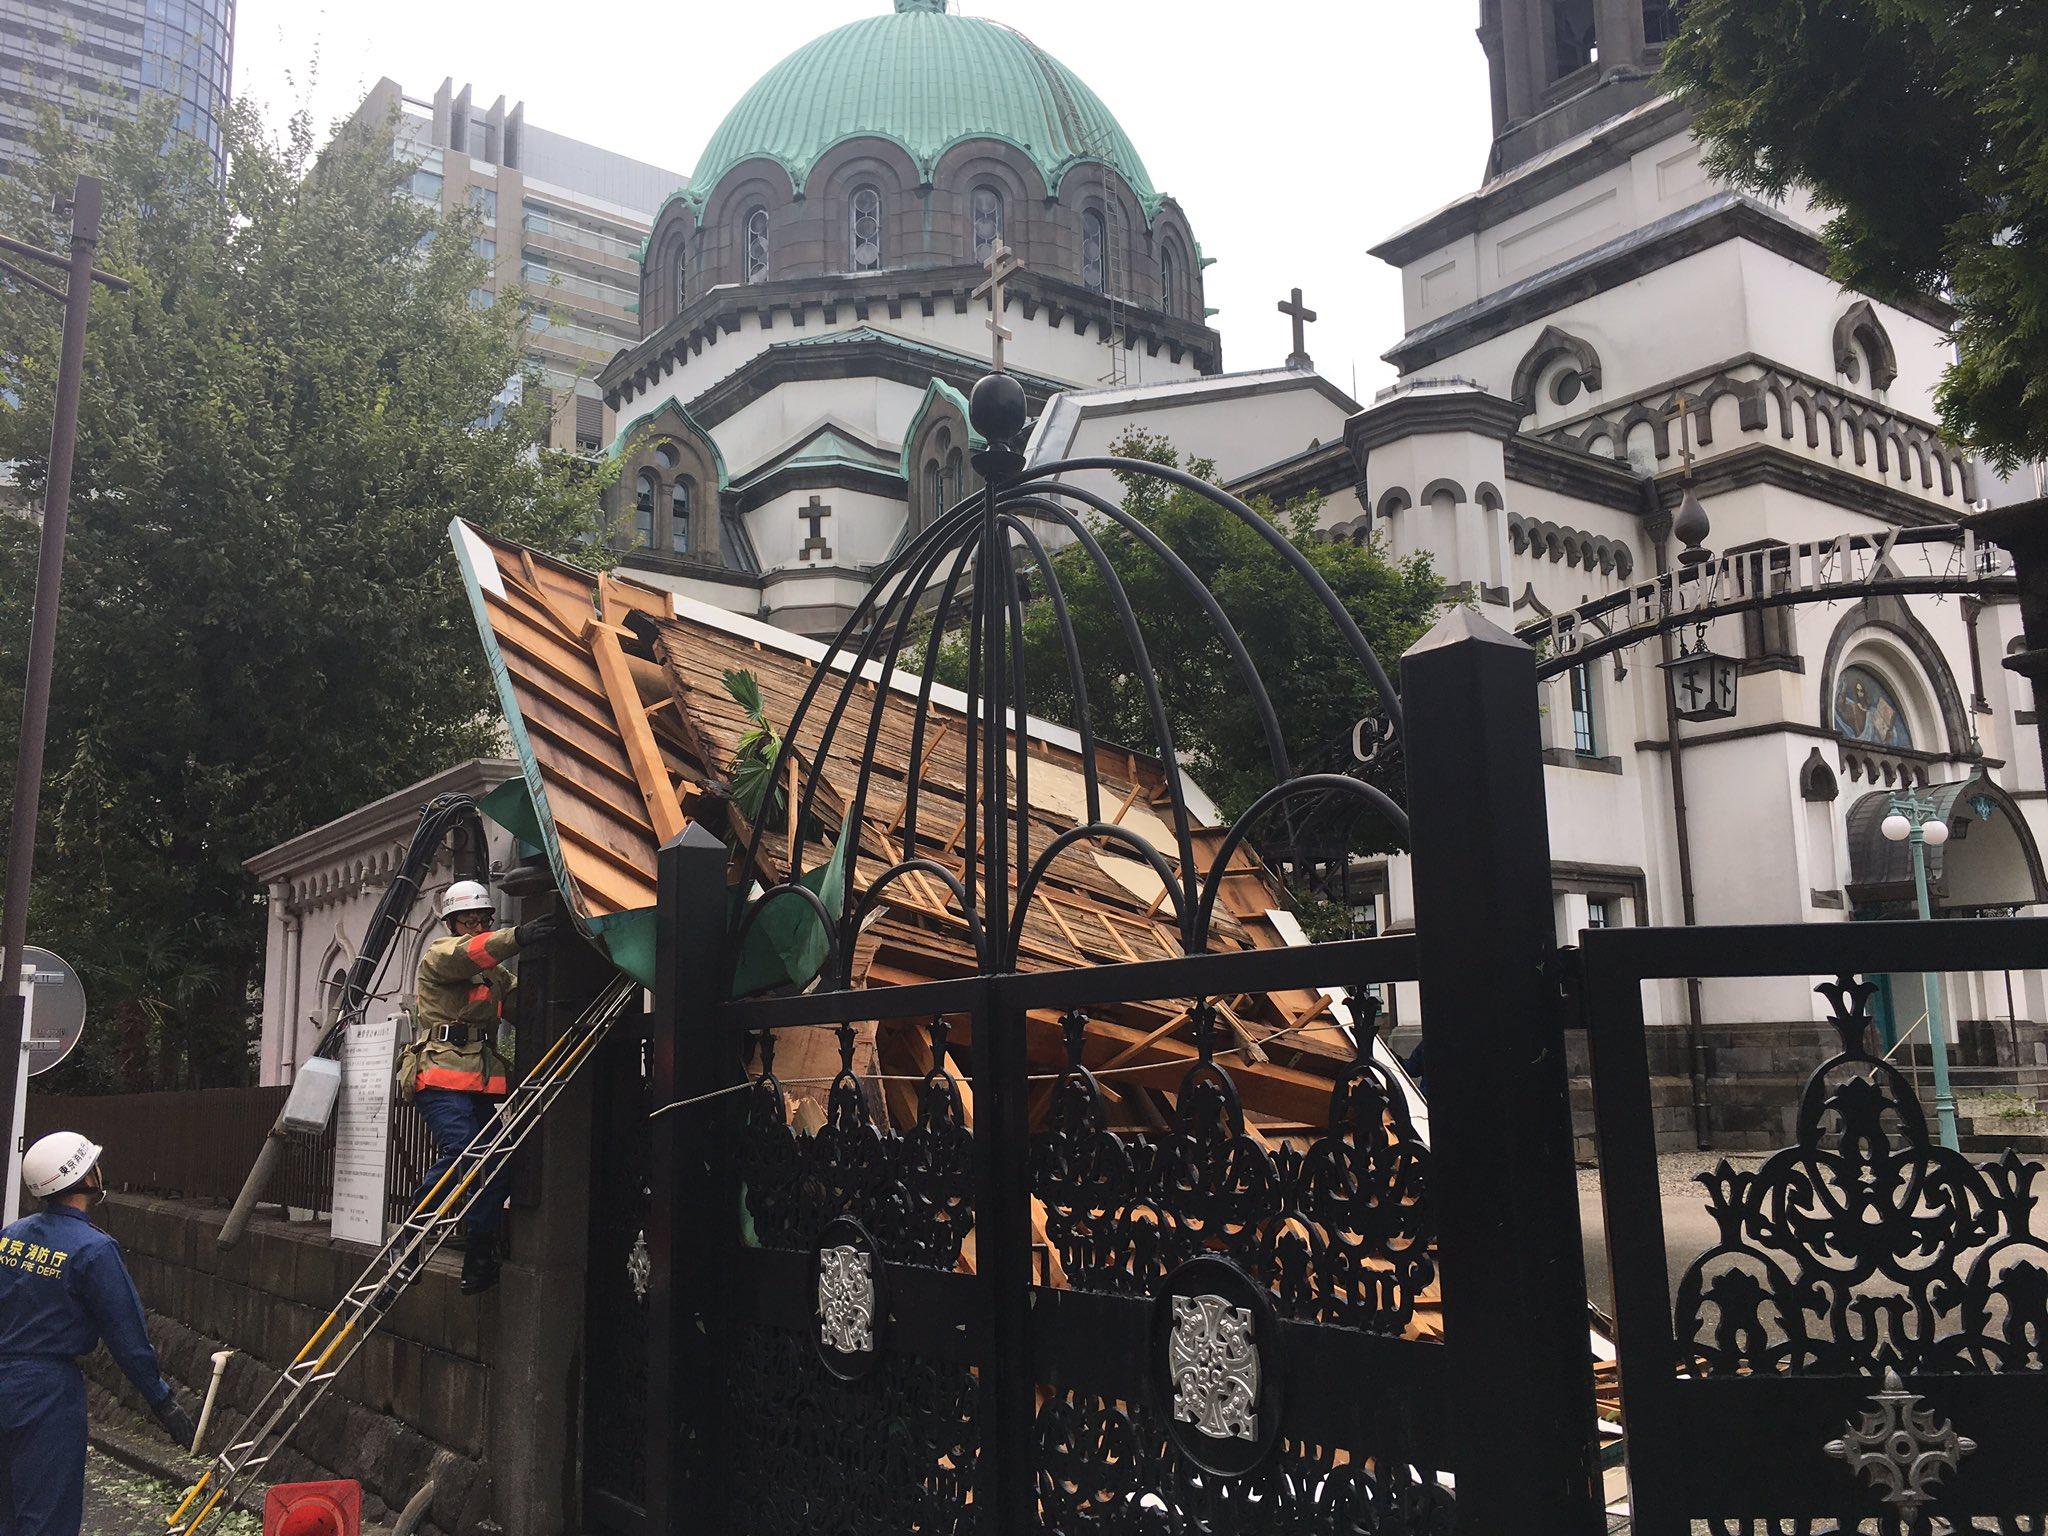 画像,ニコライ堂の附属建物の屋根被害。 https://t.co/Y4OkHW1EkX。